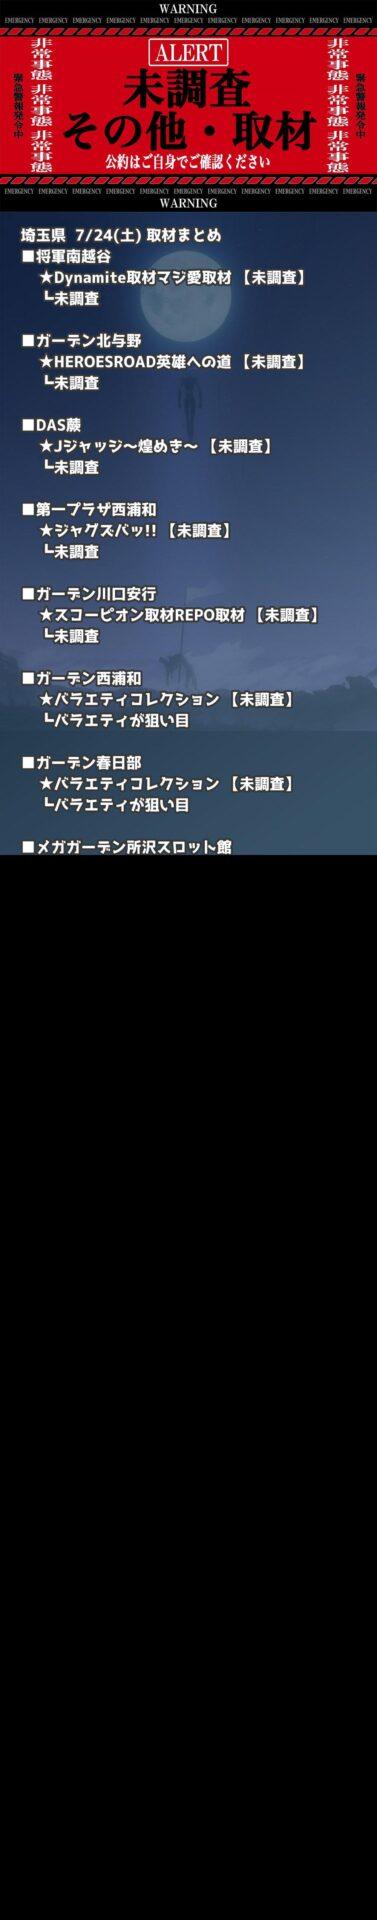 埼玉県_2021-07-24_未調査_パチンコ・パチスロ